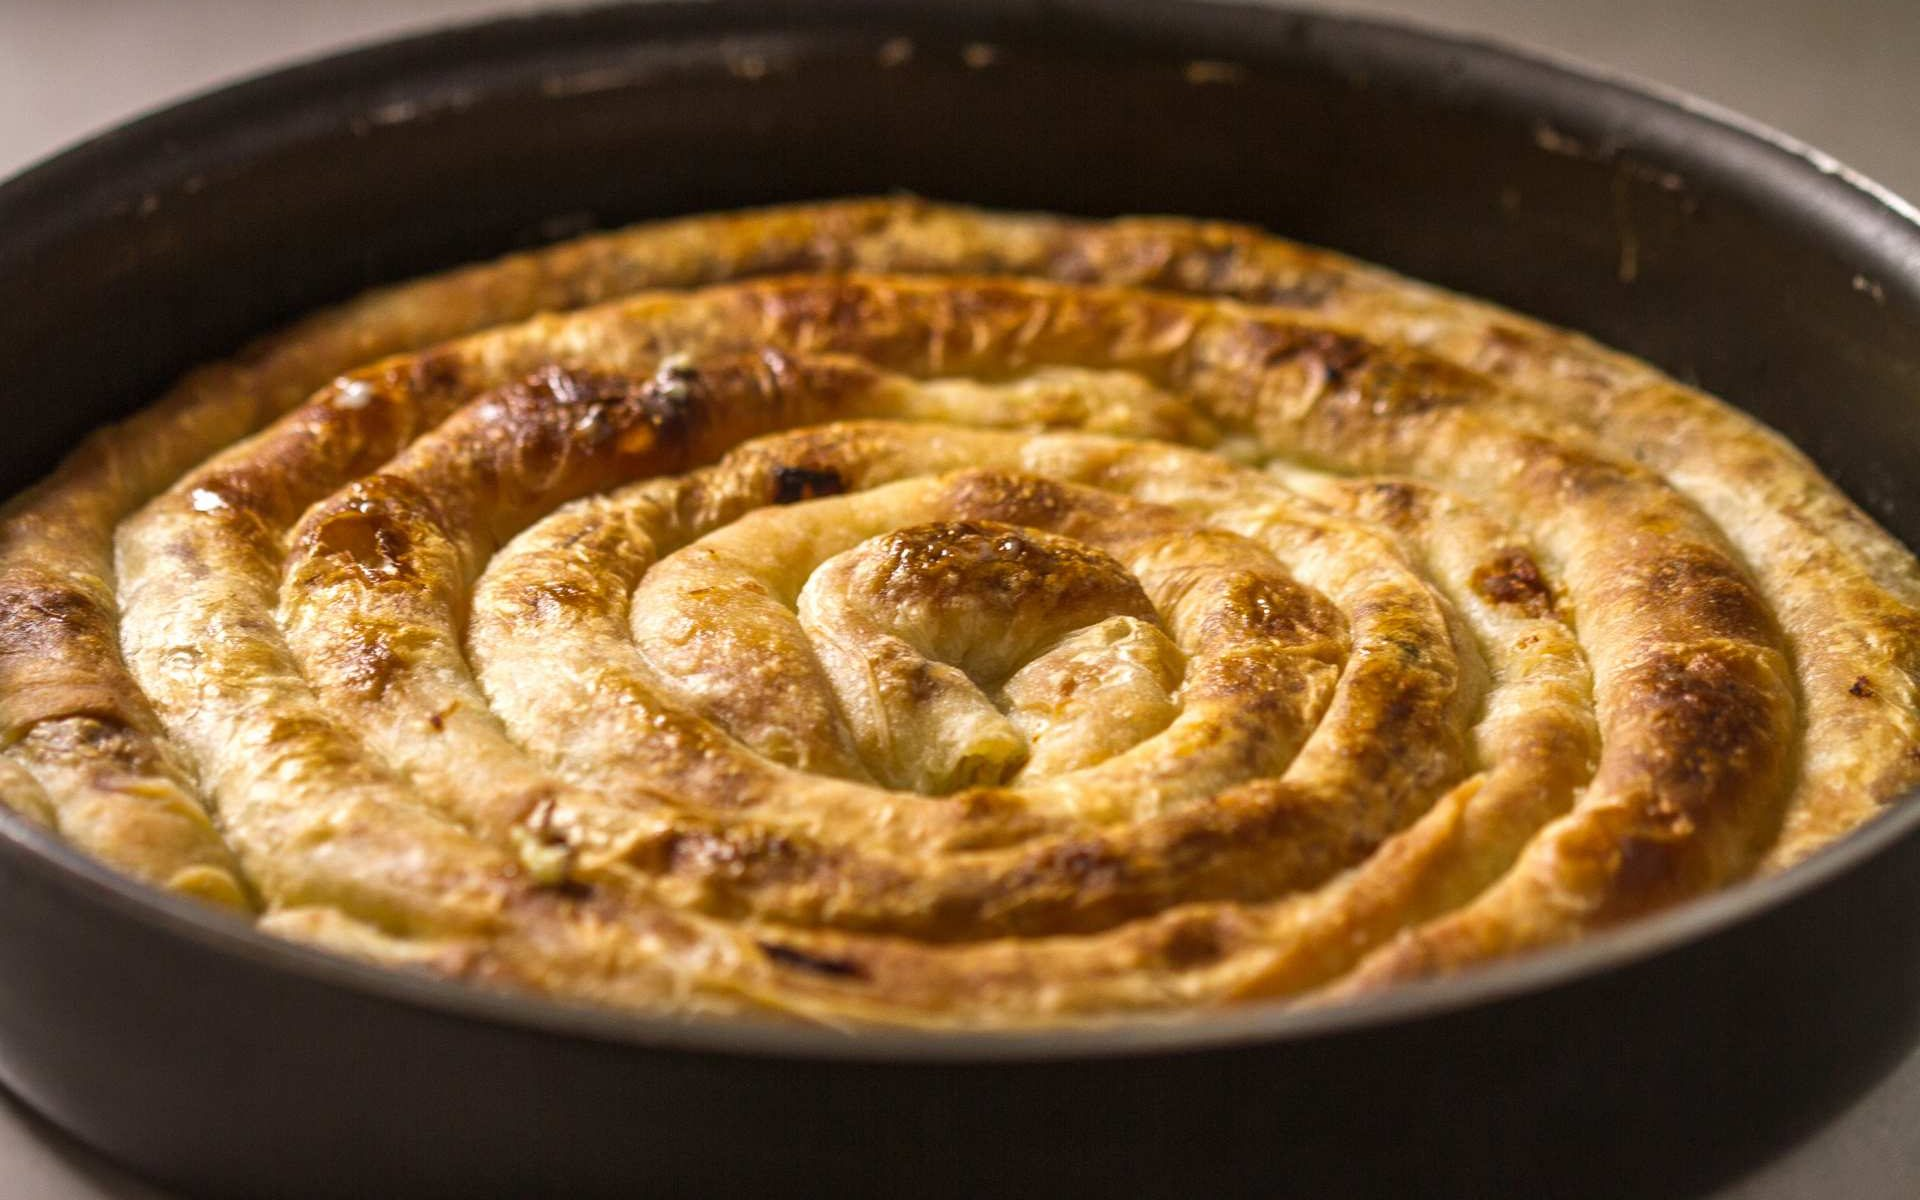 Μακεδονίτικο Στριφτάρι 4 Τυριά με κασέρι, κεφαλογραβιέρα, γκούντα και ημίσκληρο τυρί Χρυσή Ζύμη